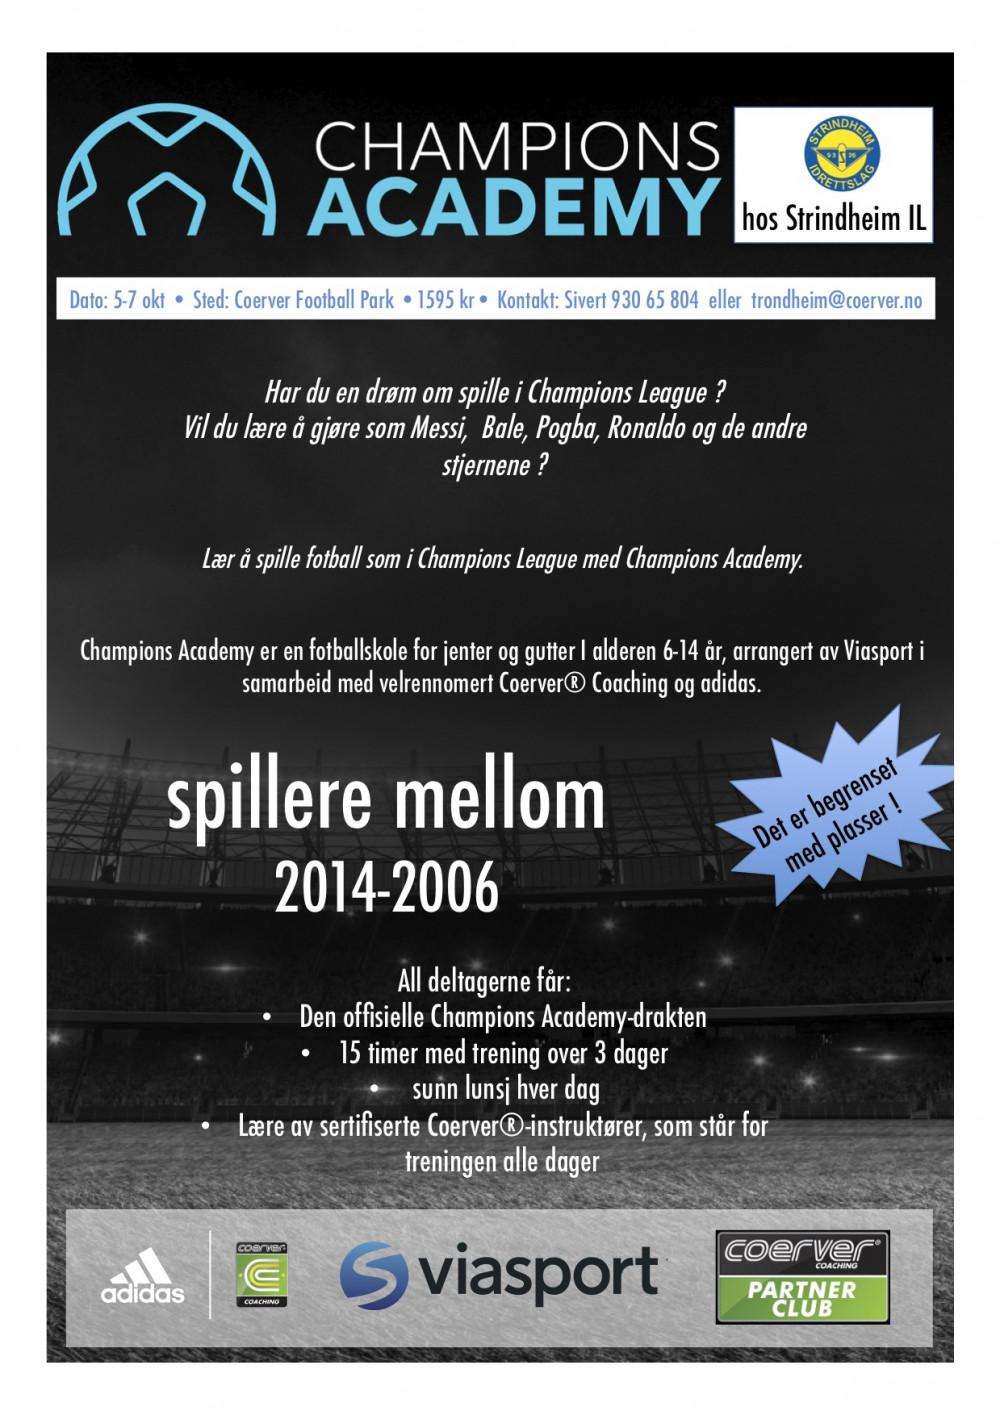 Champions Academy hos Strindheim IL 2020